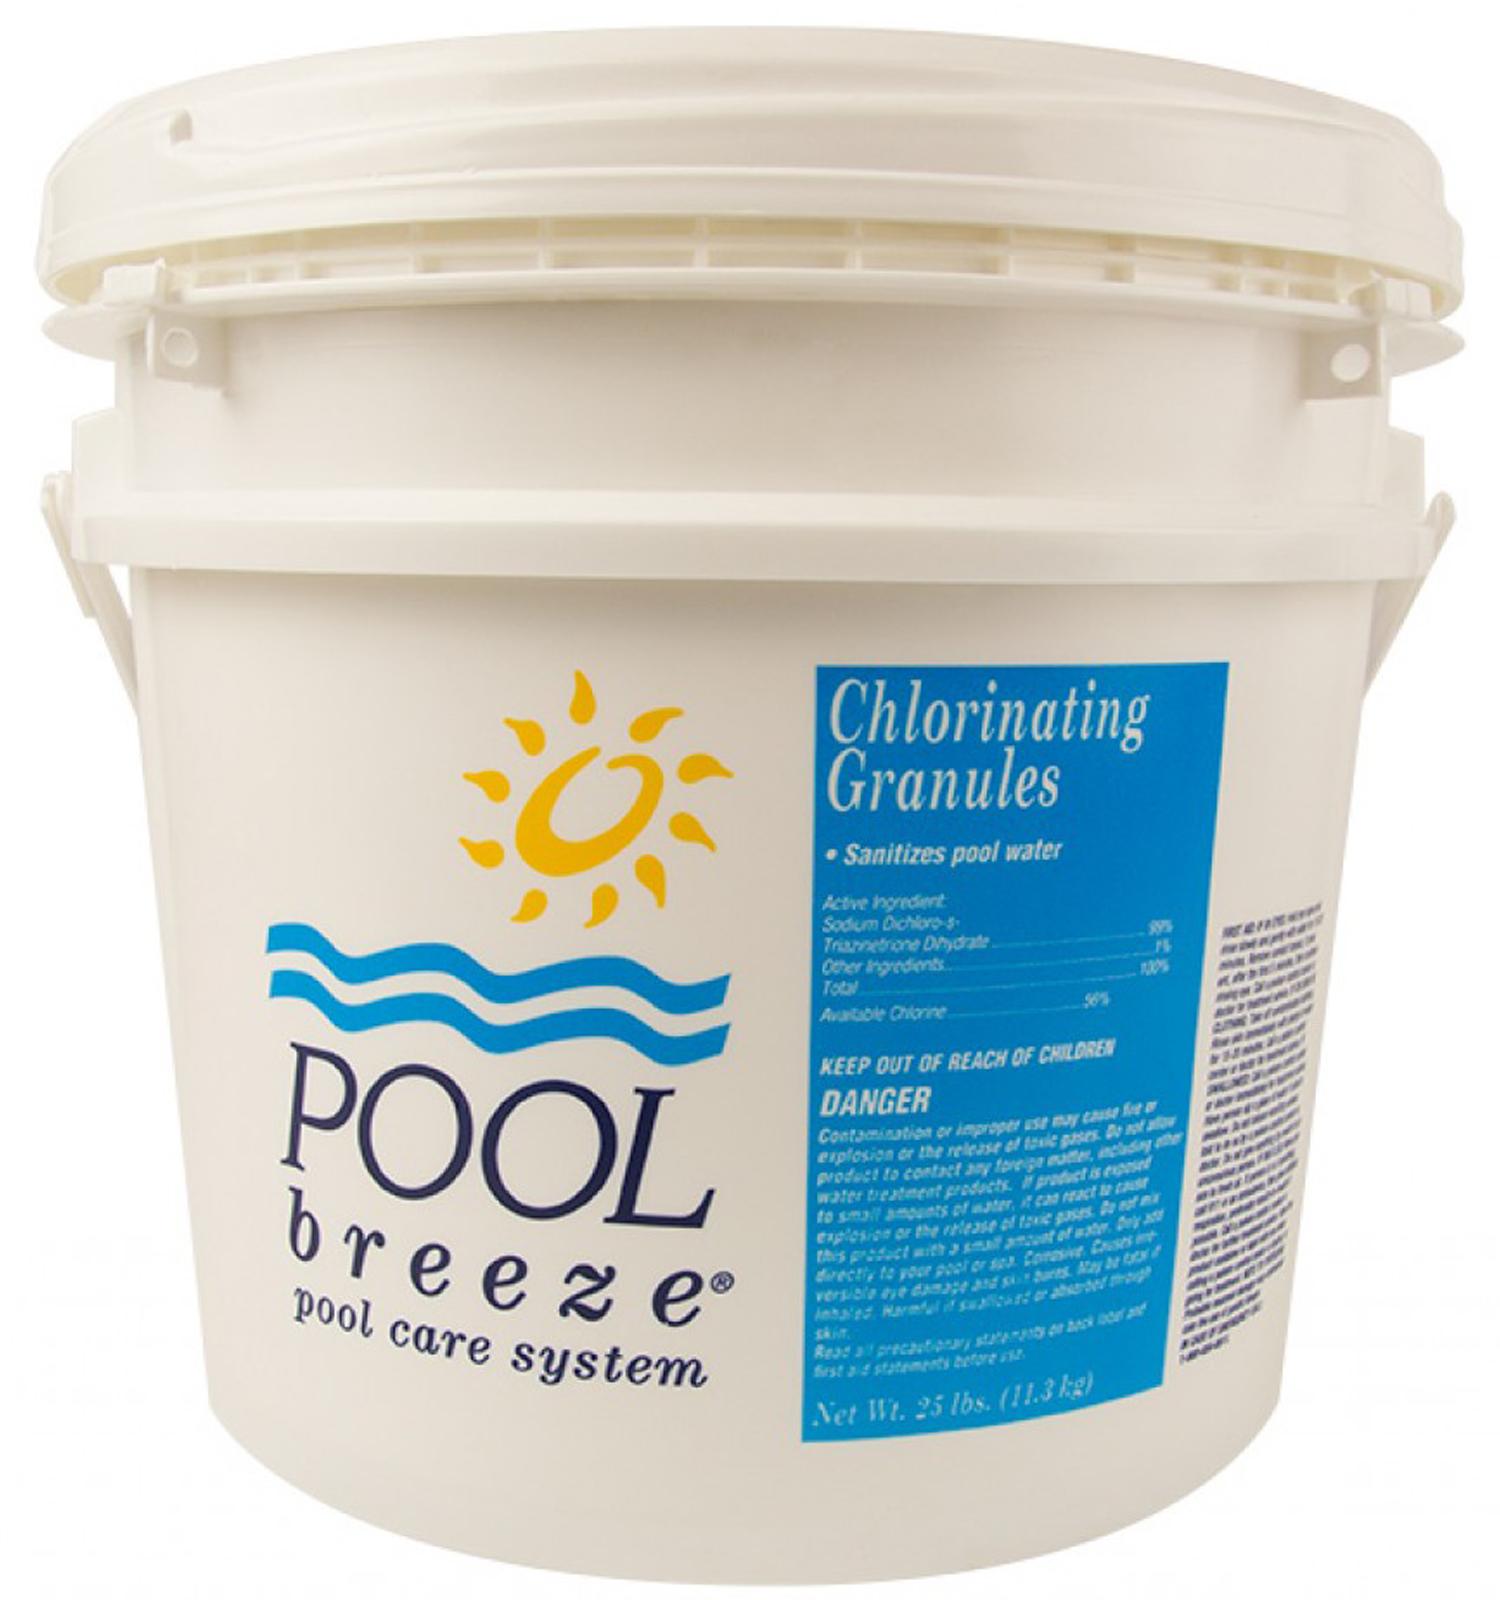 Pool breeze sodium di chlor granular swimming pool - Dangers of chlorine in swimming pools ...